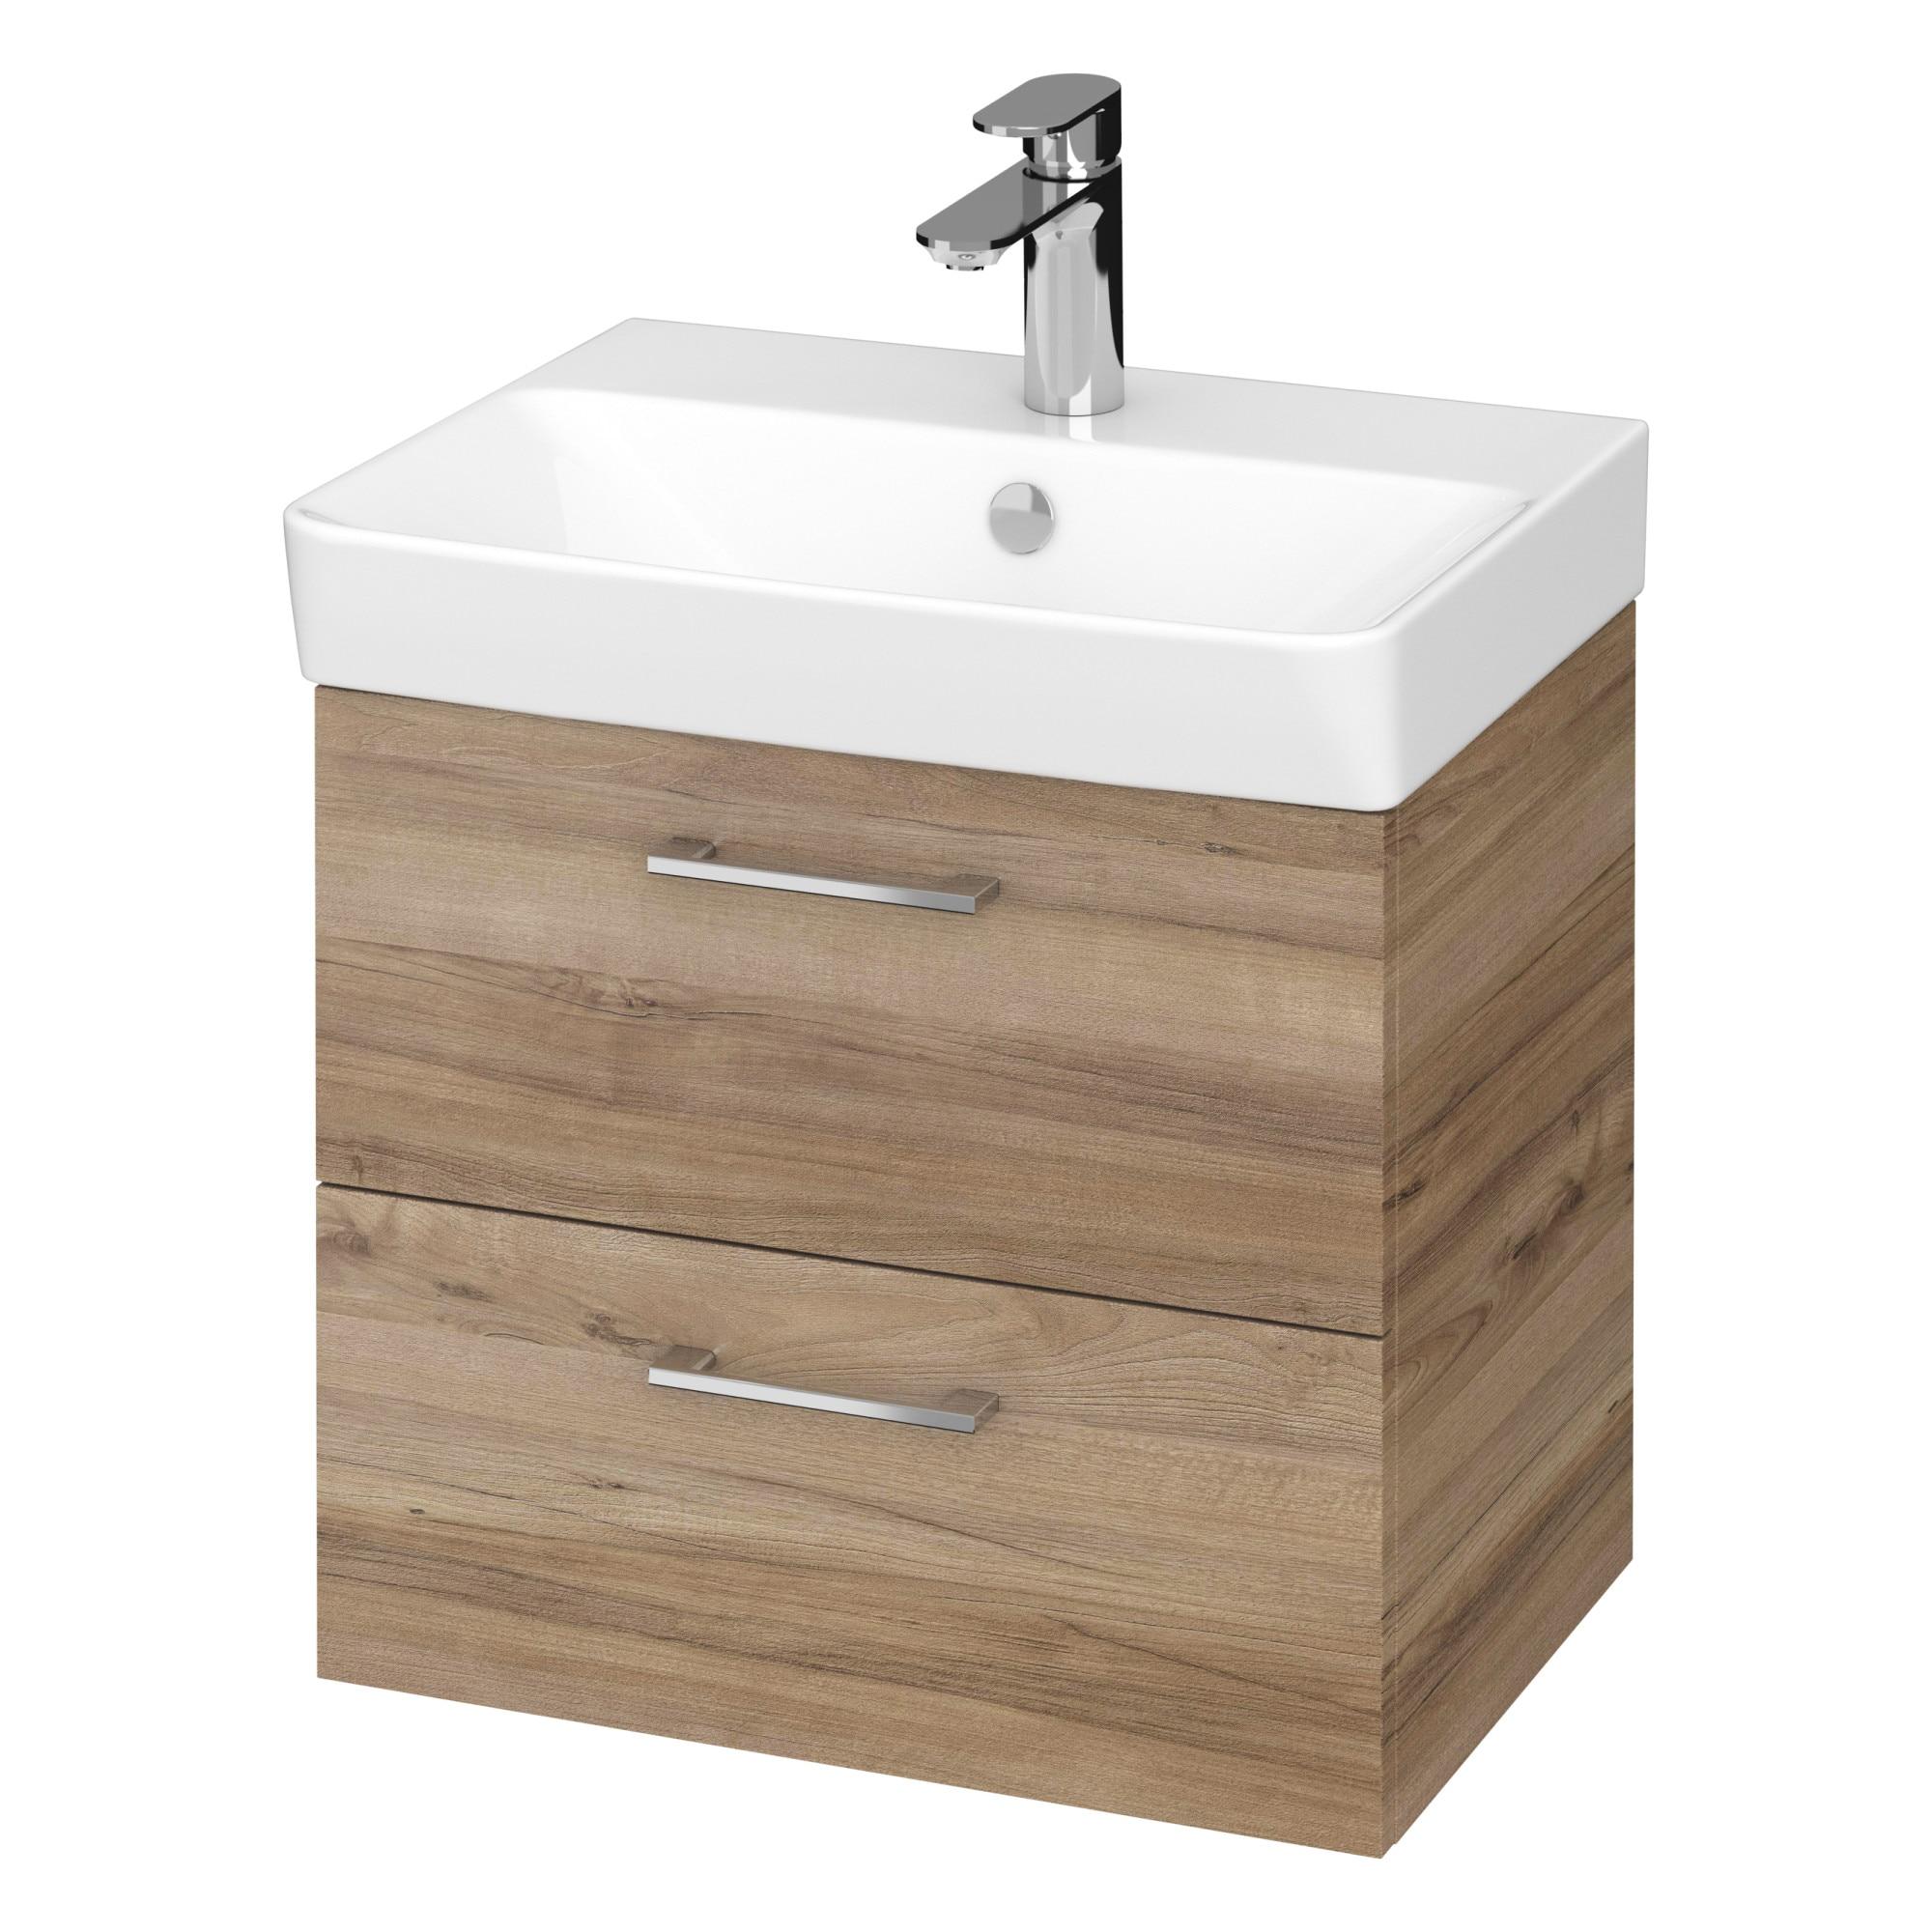 Fotografie Set baza mobilier Cersanit Lara Slim 50 + Lavoar Cersanit Mille Slim 50, PAL lacuit, 2 sertare, inchidere lenta, 49.4x34.7x46 cm, Nuc